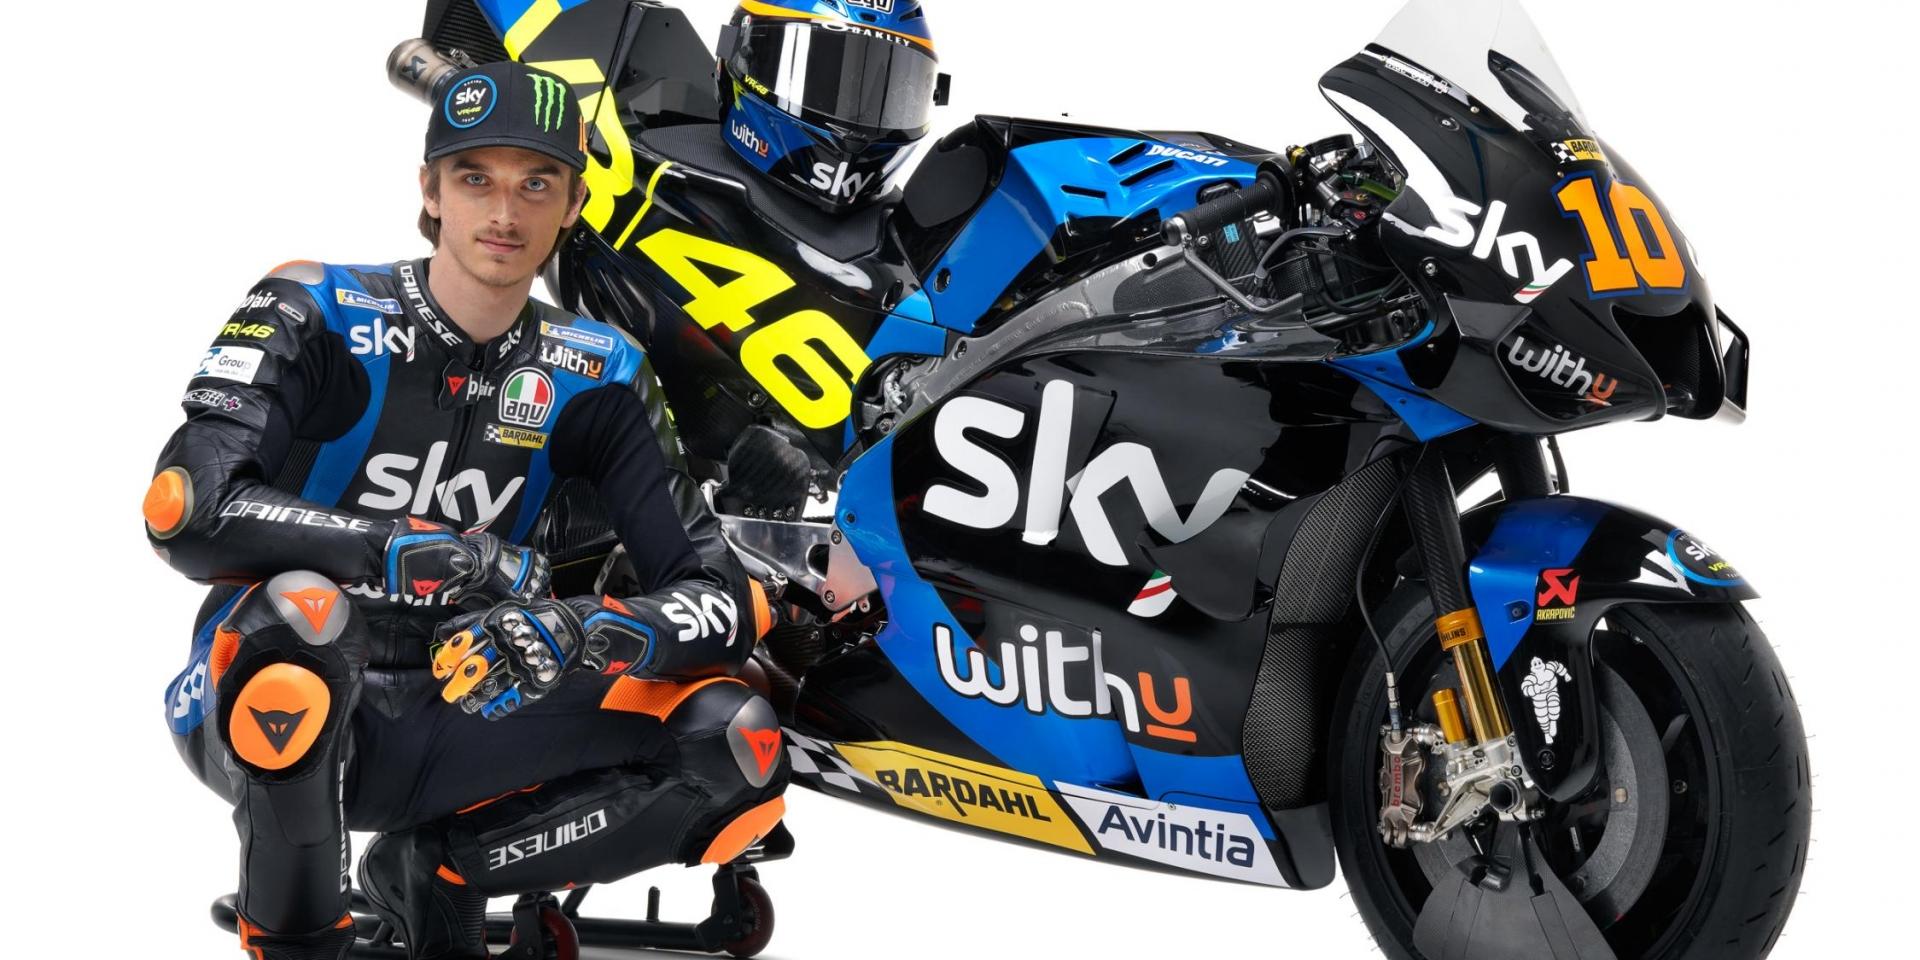 兄弟也要明算帳!Luca Marini:如果有機會,我會嘗試擊敗Valentino Rossi!